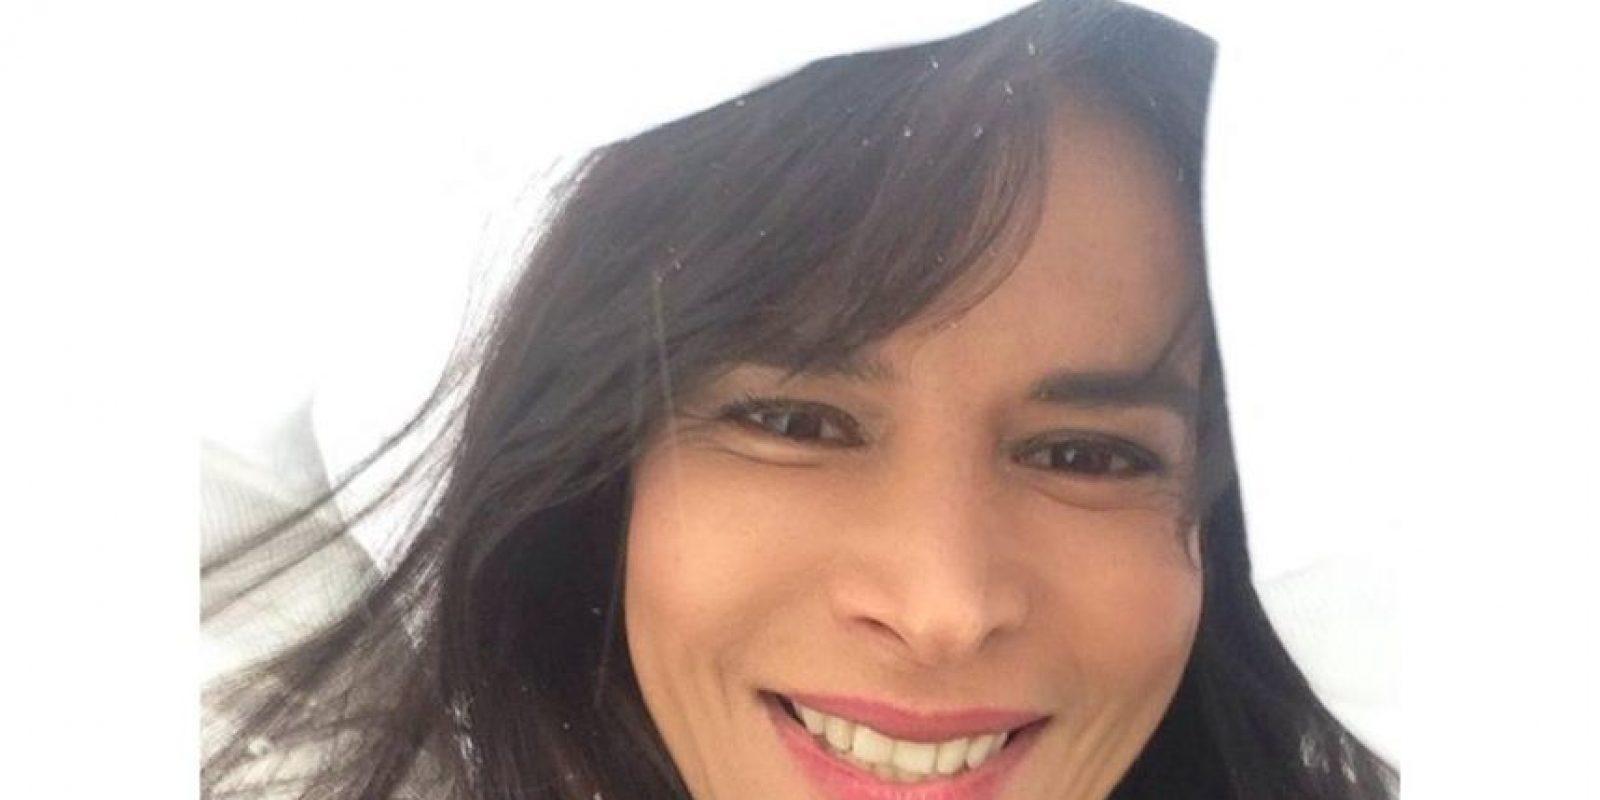 En esta biografía, Velásquez relata que buscó un patrocinador al que le pagaba con sexo para que cubriera los gastos de sus cirugías. Foto:Facebook/Patricia Velásquez